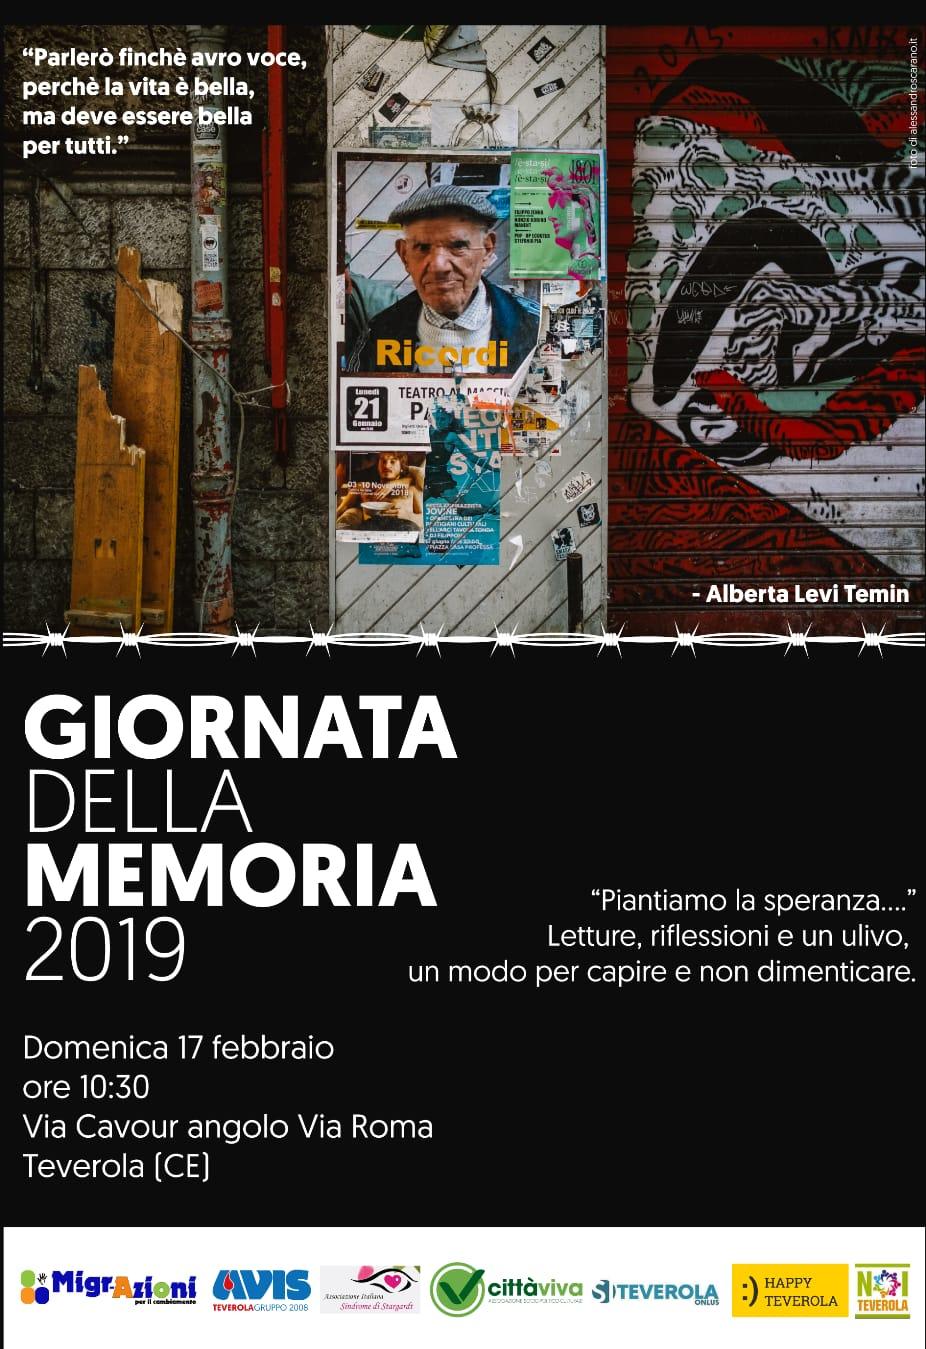 Giornata della Memoria 2019: Il Manifesto delle associazioni